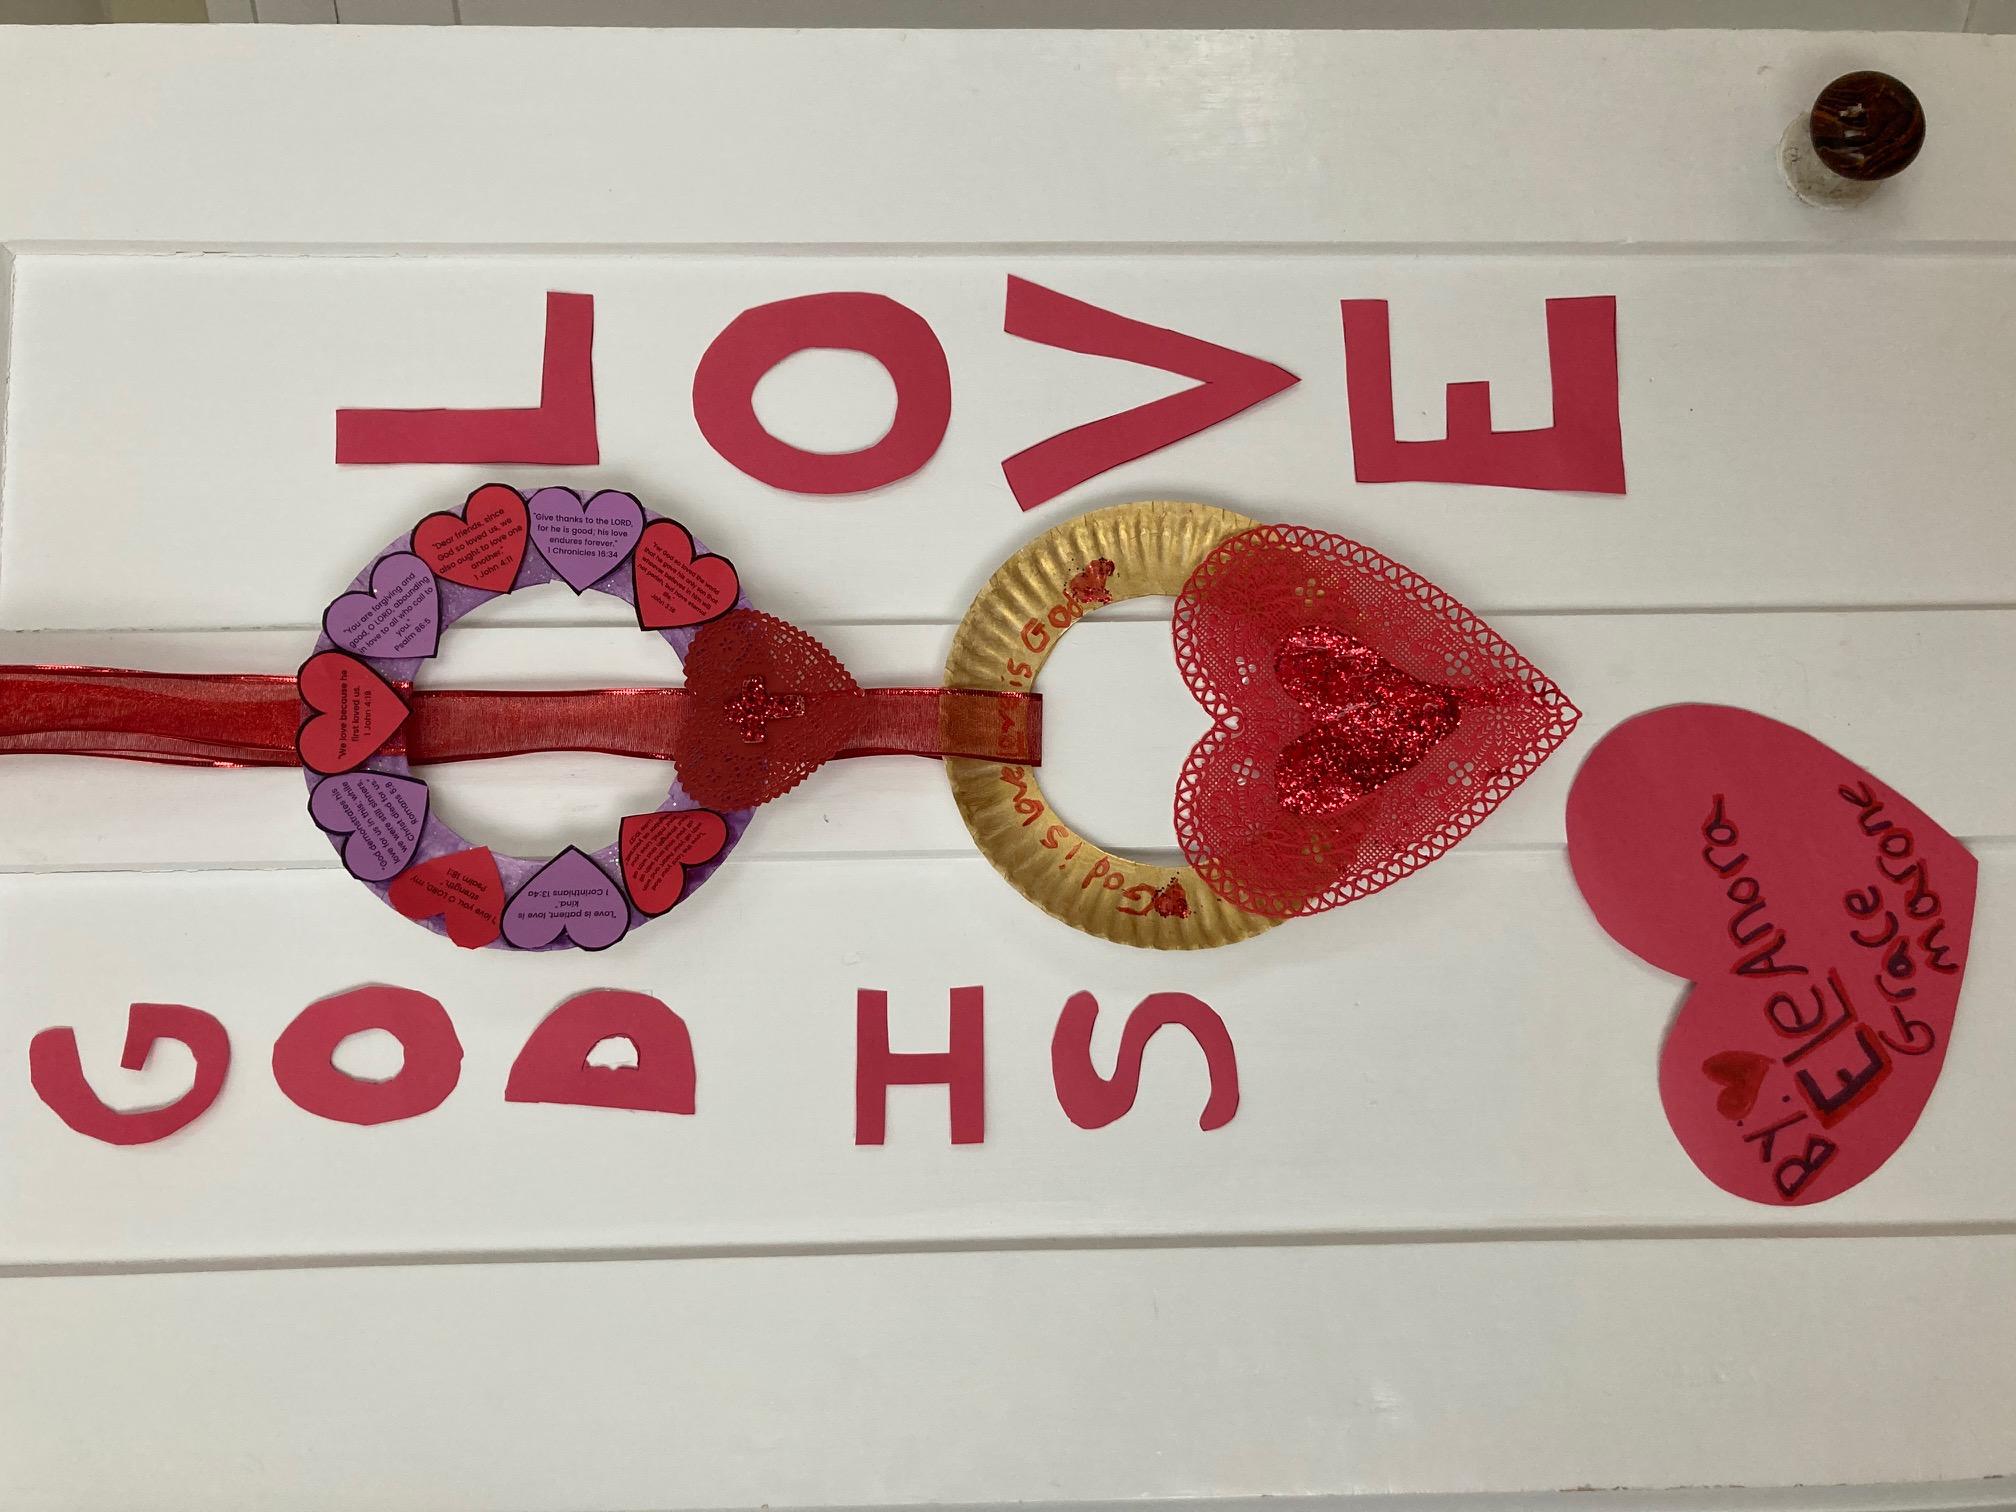 https://0201.nccdn.net/1_2/000/000/198/116/jesus-loves-me-valentine-wreath.jpg